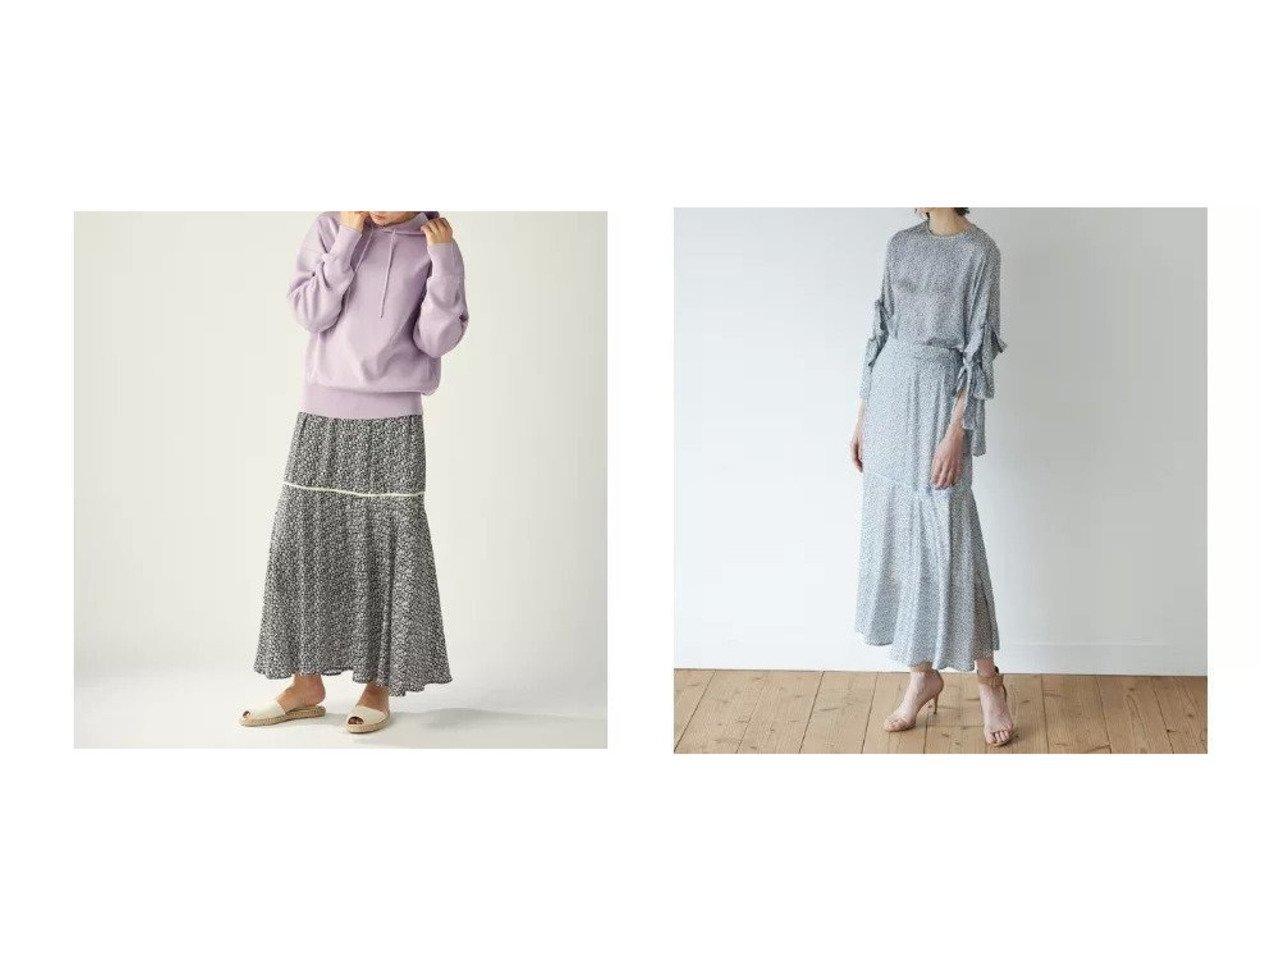 【CLEAR IMPRESSION/クリアインプレッション】の《musee》フラワーティアードスカート スカートのおすすめ!人気、トレンド・レディースファッションの通販 おすすめで人気の流行・トレンド、ファッションの通販商品 メンズファッション・キッズファッション・インテリア・家具・レディースファッション・服の通販 founy(ファニー) https://founy.com/ ファッション Fashion レディースファッション WOMEN スカート Skirt ティアードスカート Tiered Skirts セットアップ ベーシック |ID:crp329100000023875